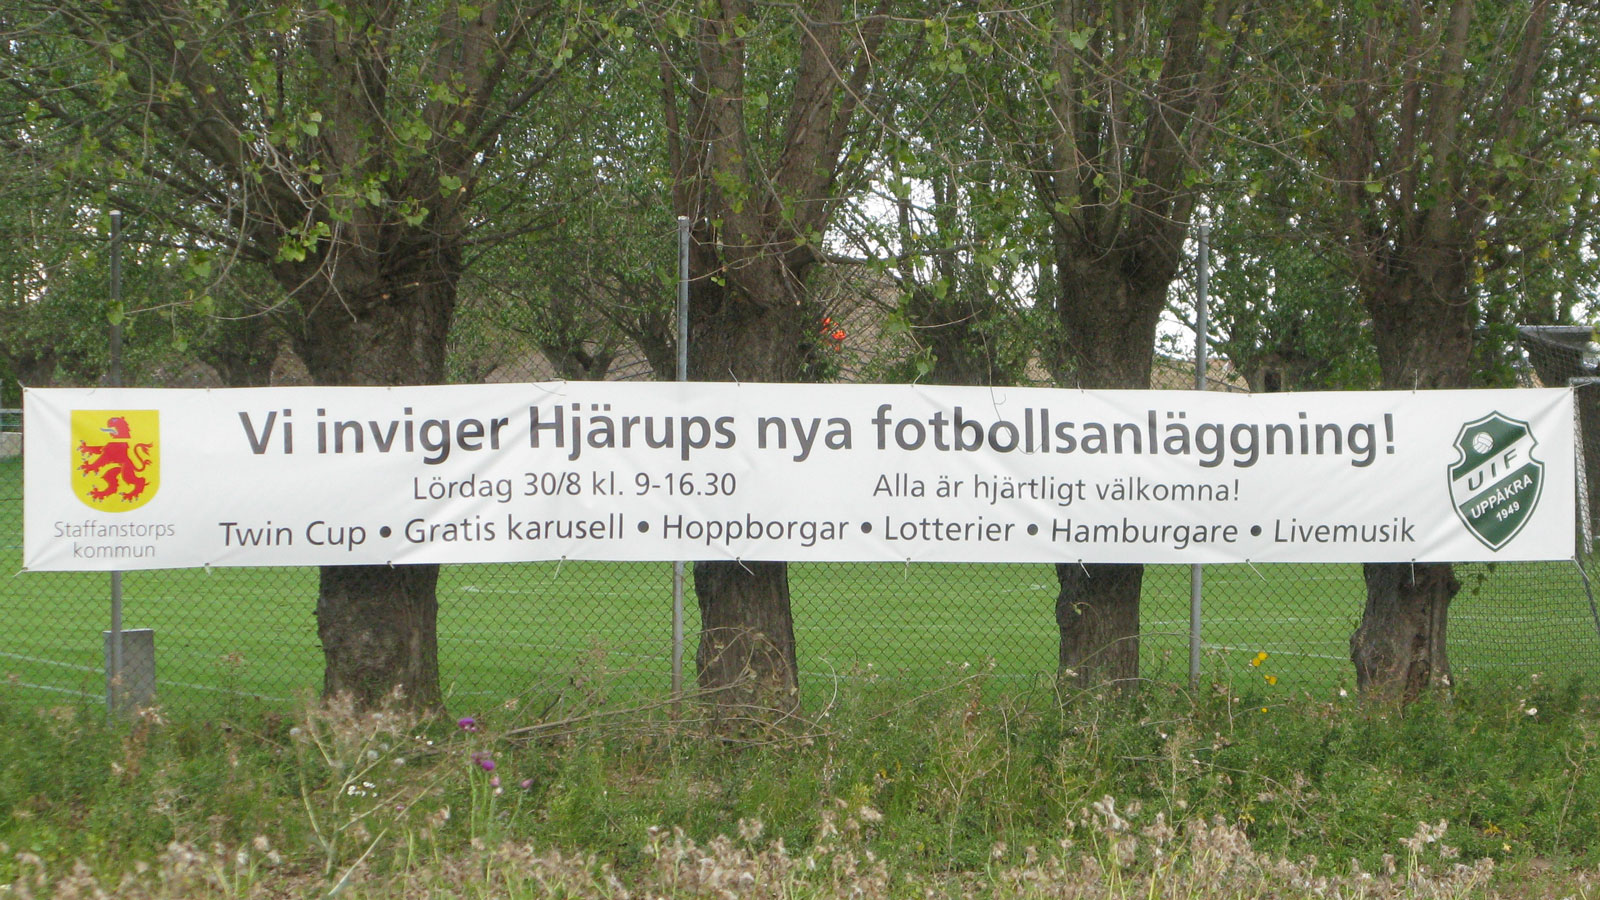 Hjärups nya fotbollsanläggning. Foto Ivar Sjögren